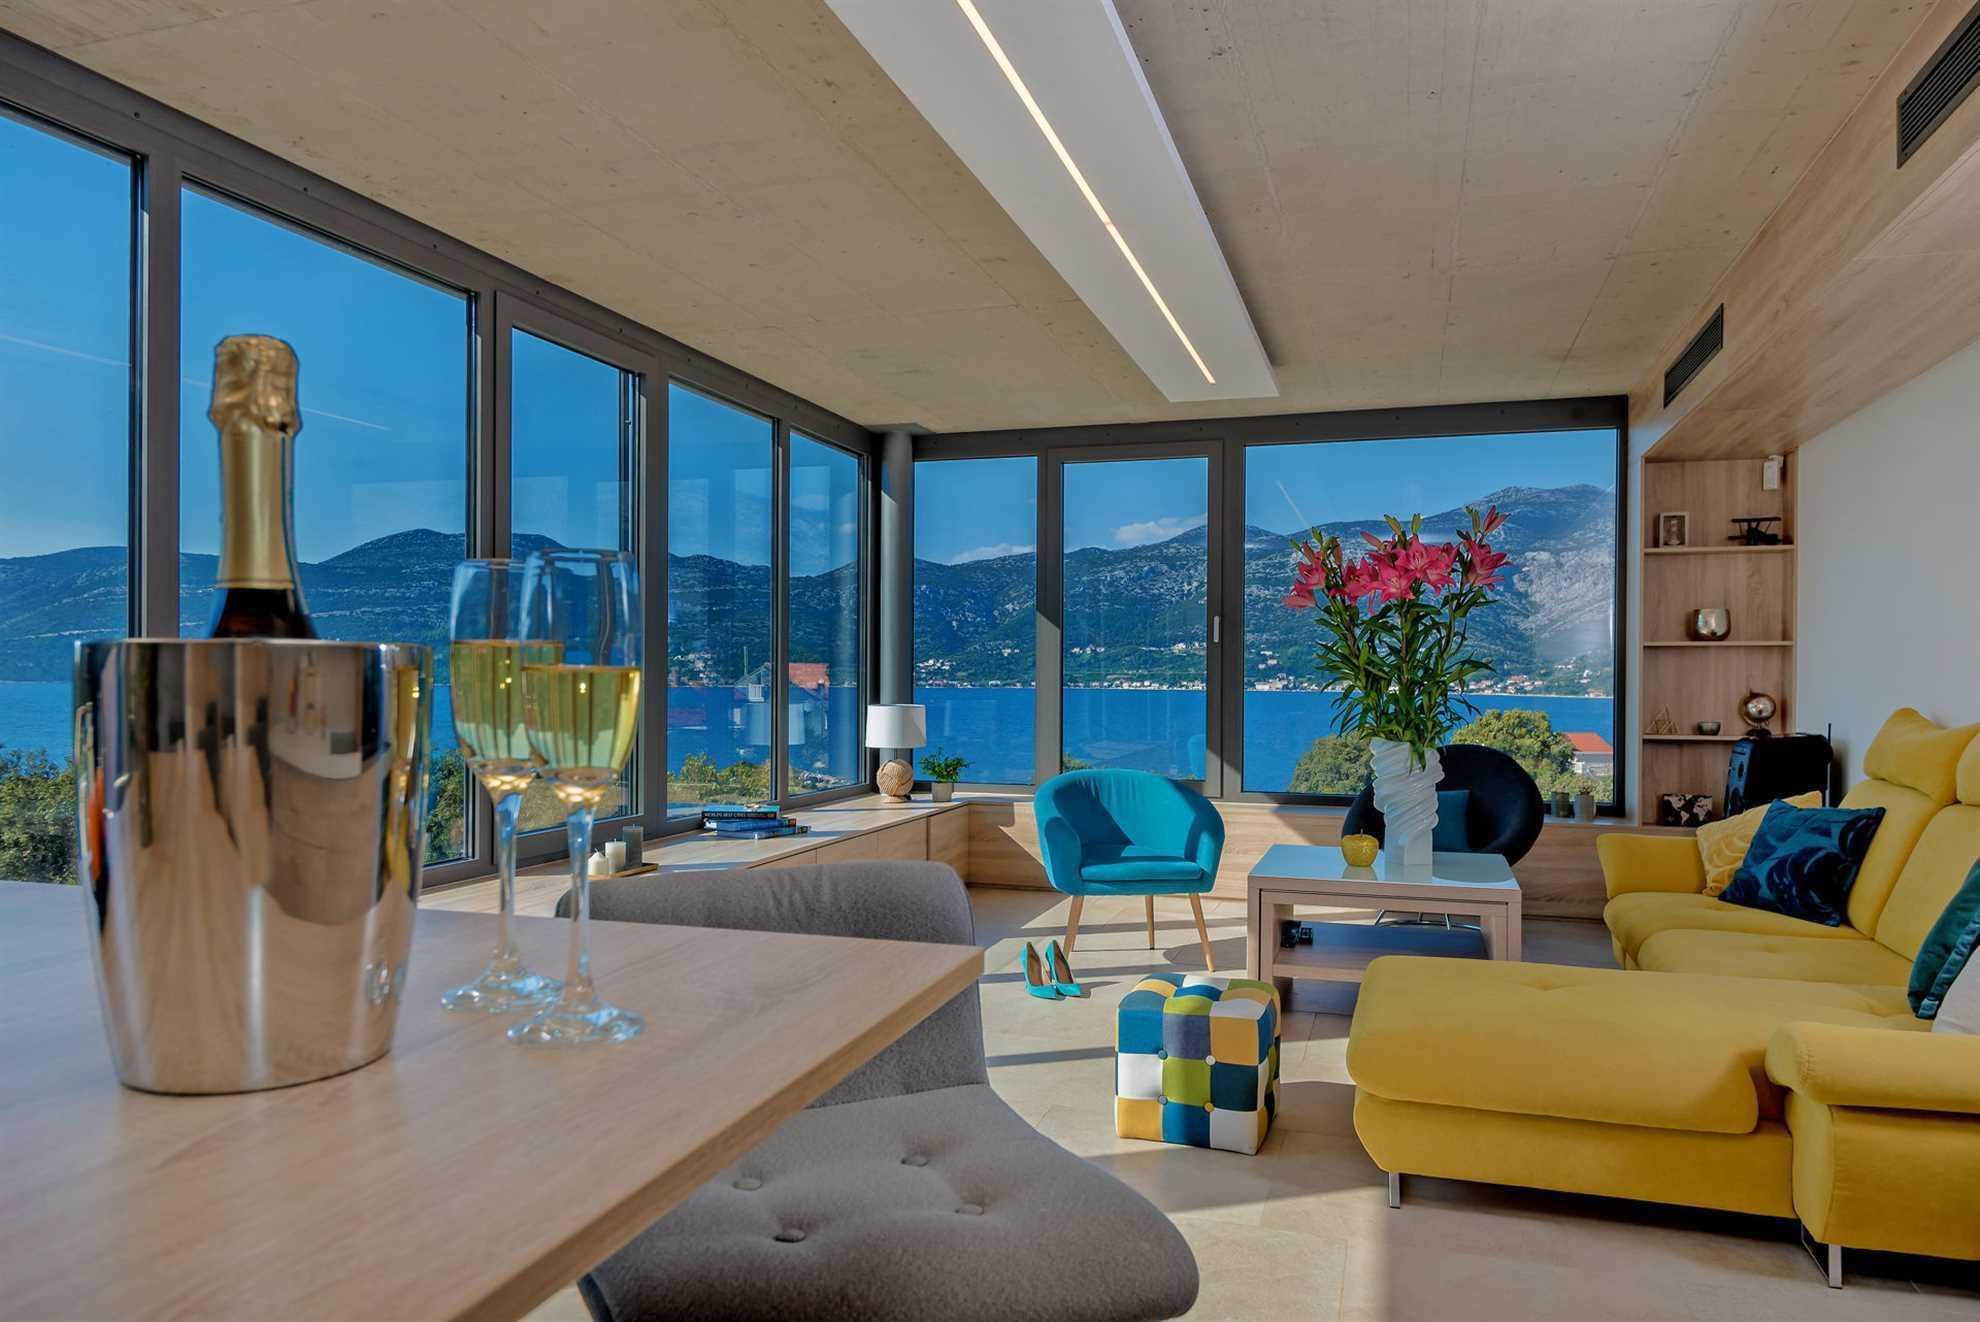 Luxury Villa Selene Interior